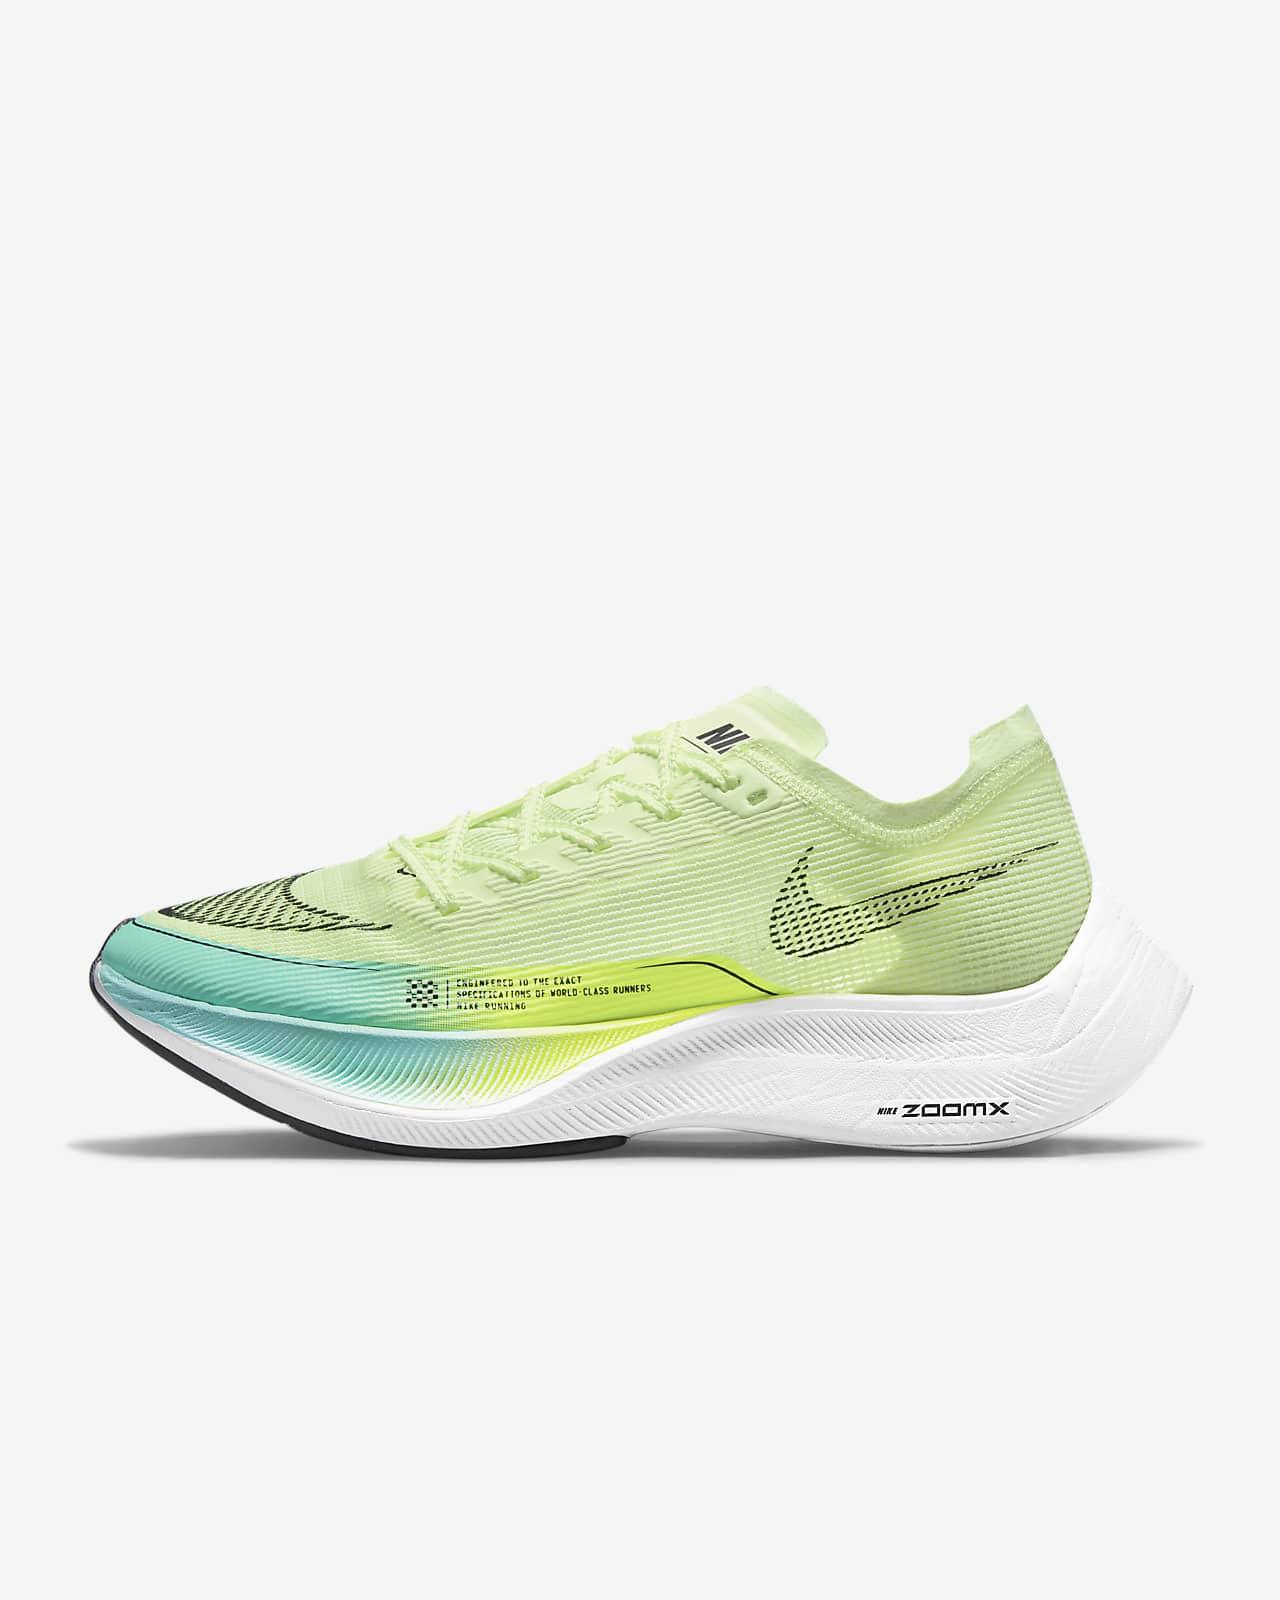 Nike ZoomX Vaporfly Next% 2 Herren-Straßenlaufschuh für Wettkämpfe